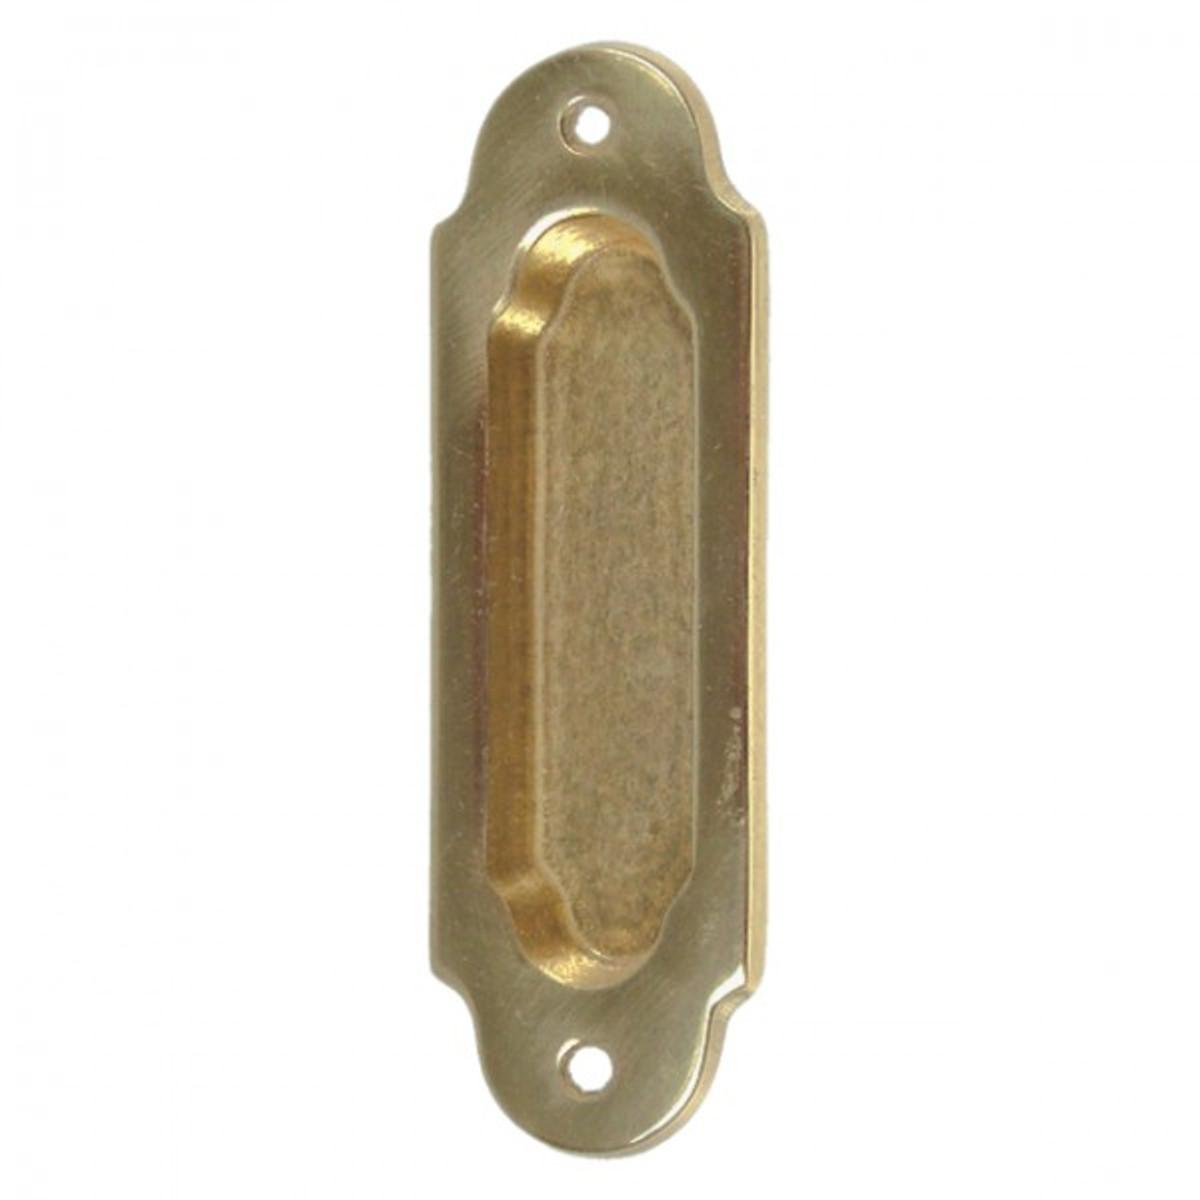 Schiebe Raumteiler Schiebetürgriff Messing Türbeschlag Türgriff zum Öffnen und Schließen der Schiebetür.